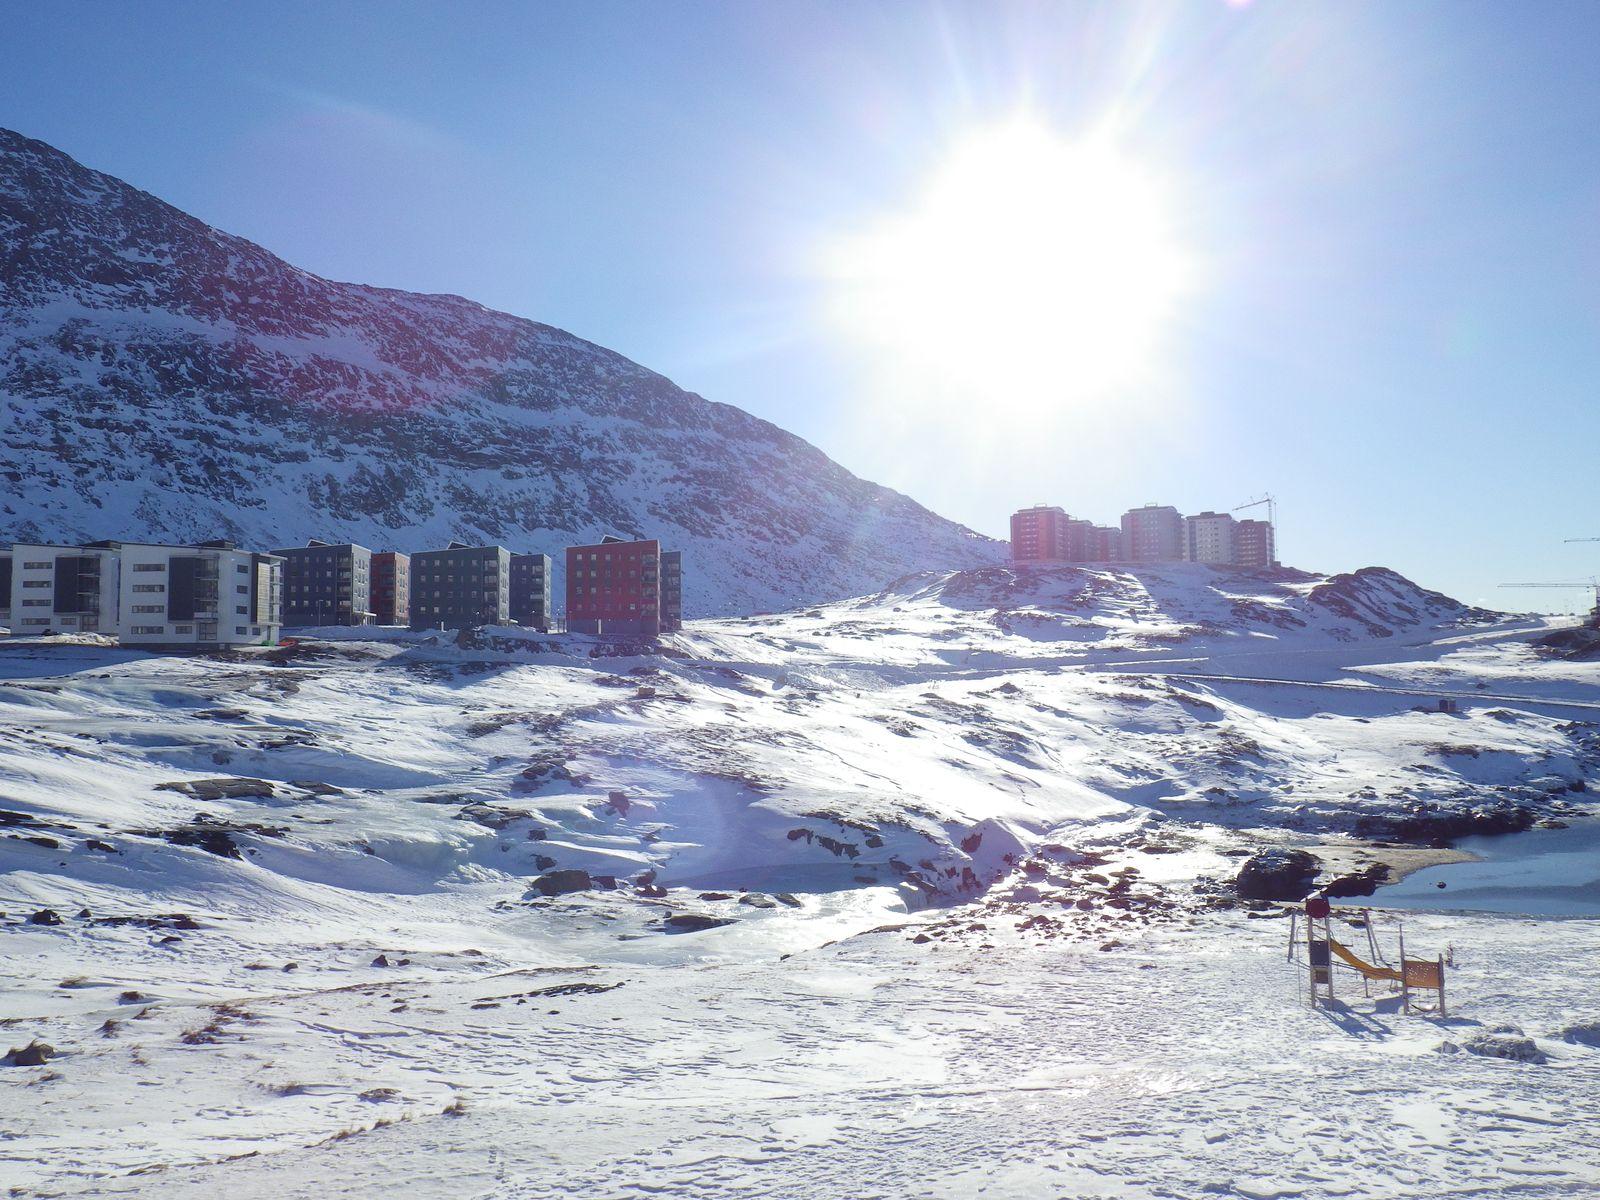 2013-02-25-1701_-_udsigt-fra-altan